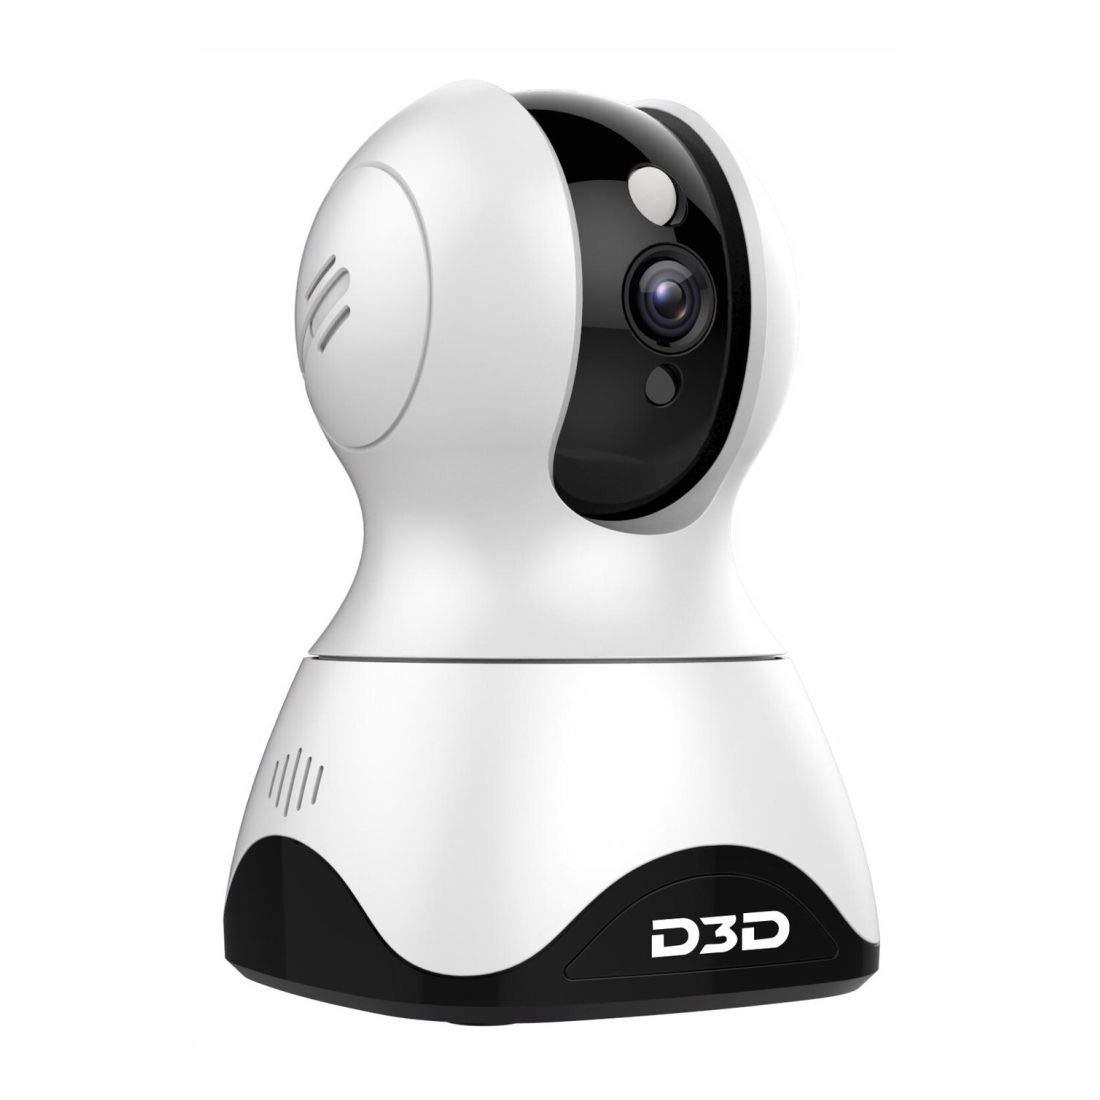 D3D Smart Pan Tilt Home Security WiFi Camera